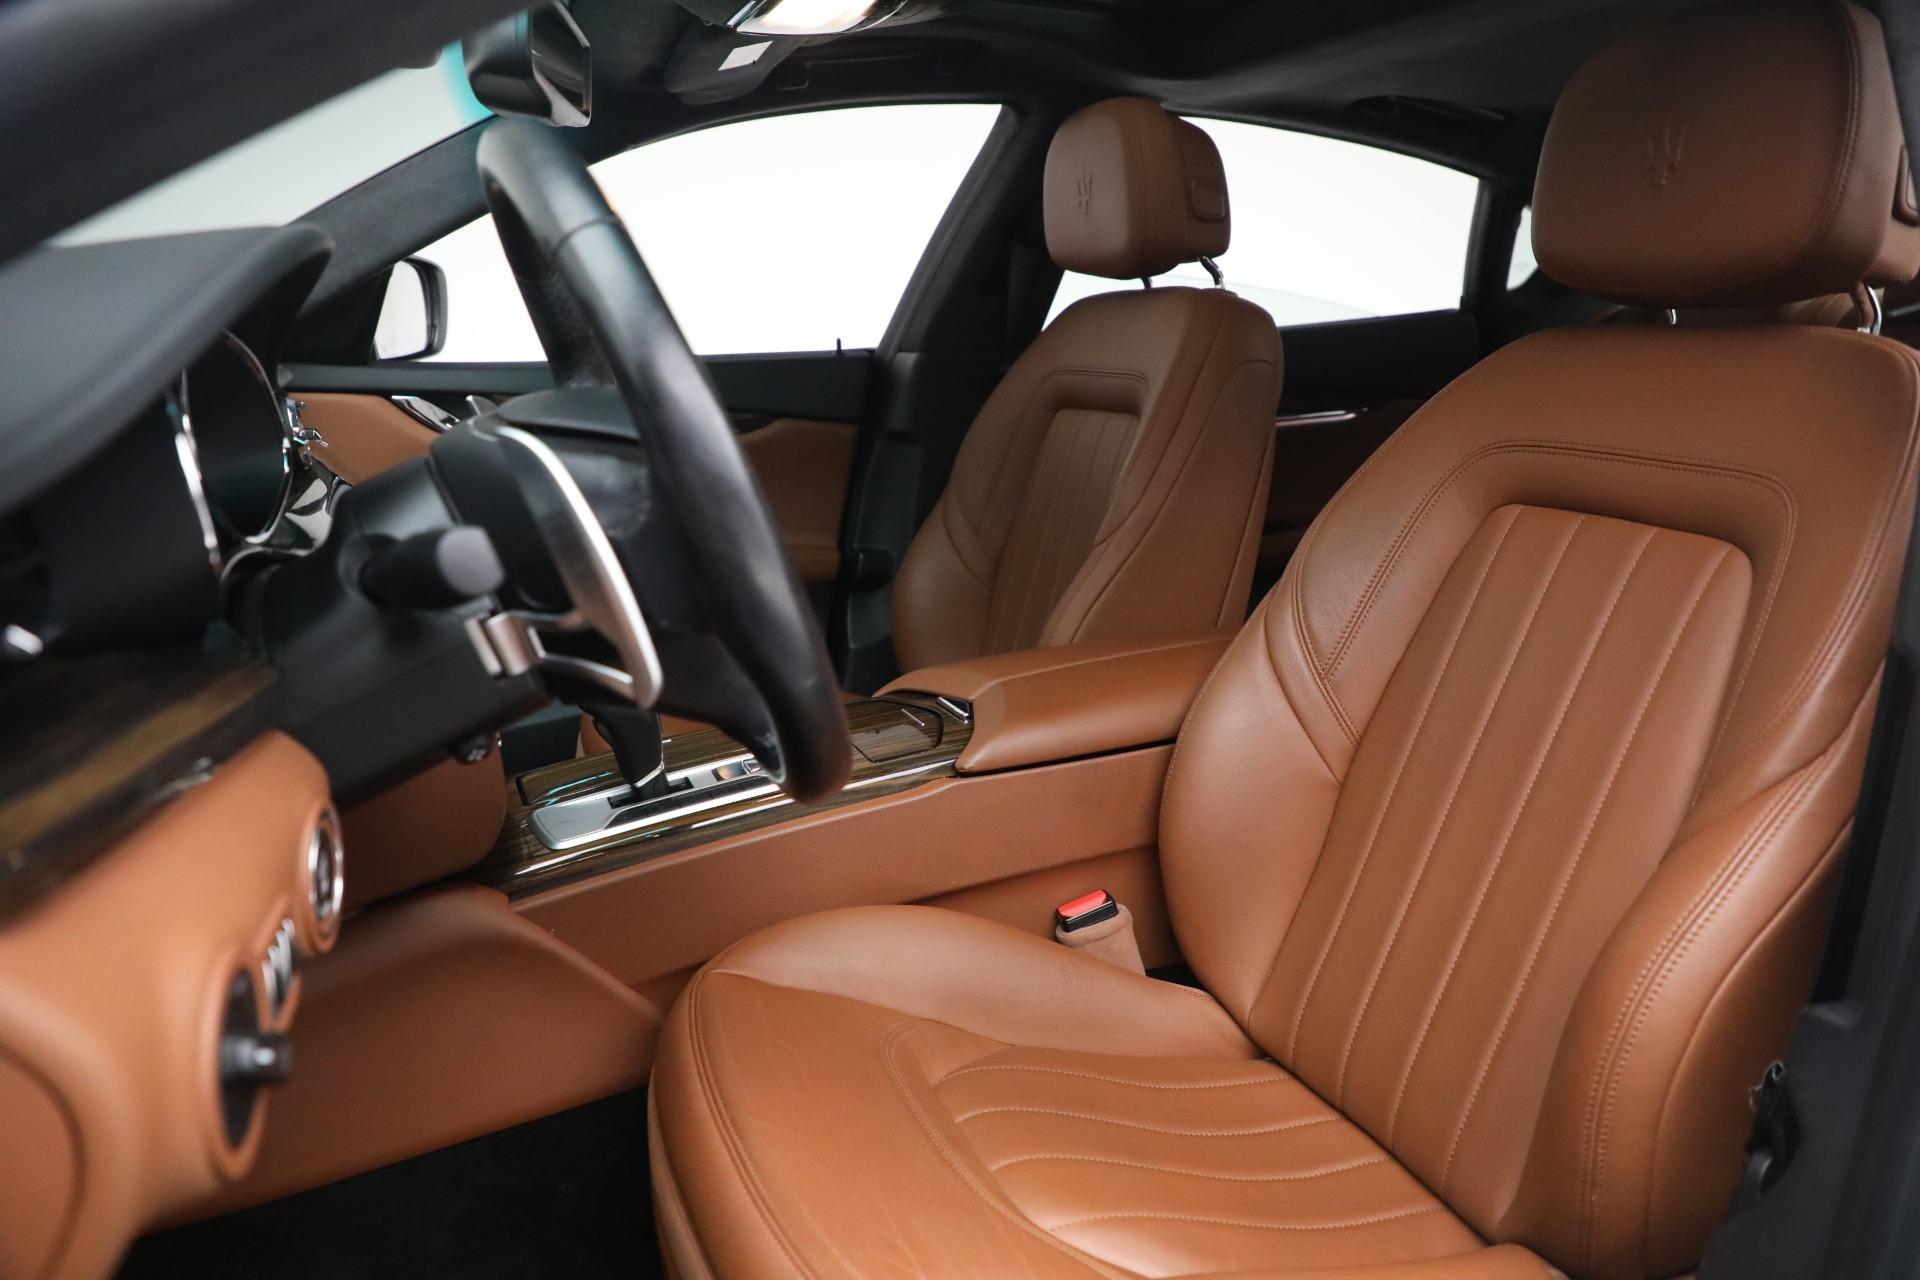 Used 2015 Maserati Quattroporte S Q4 For Sale In Westport, CT 2915_p13